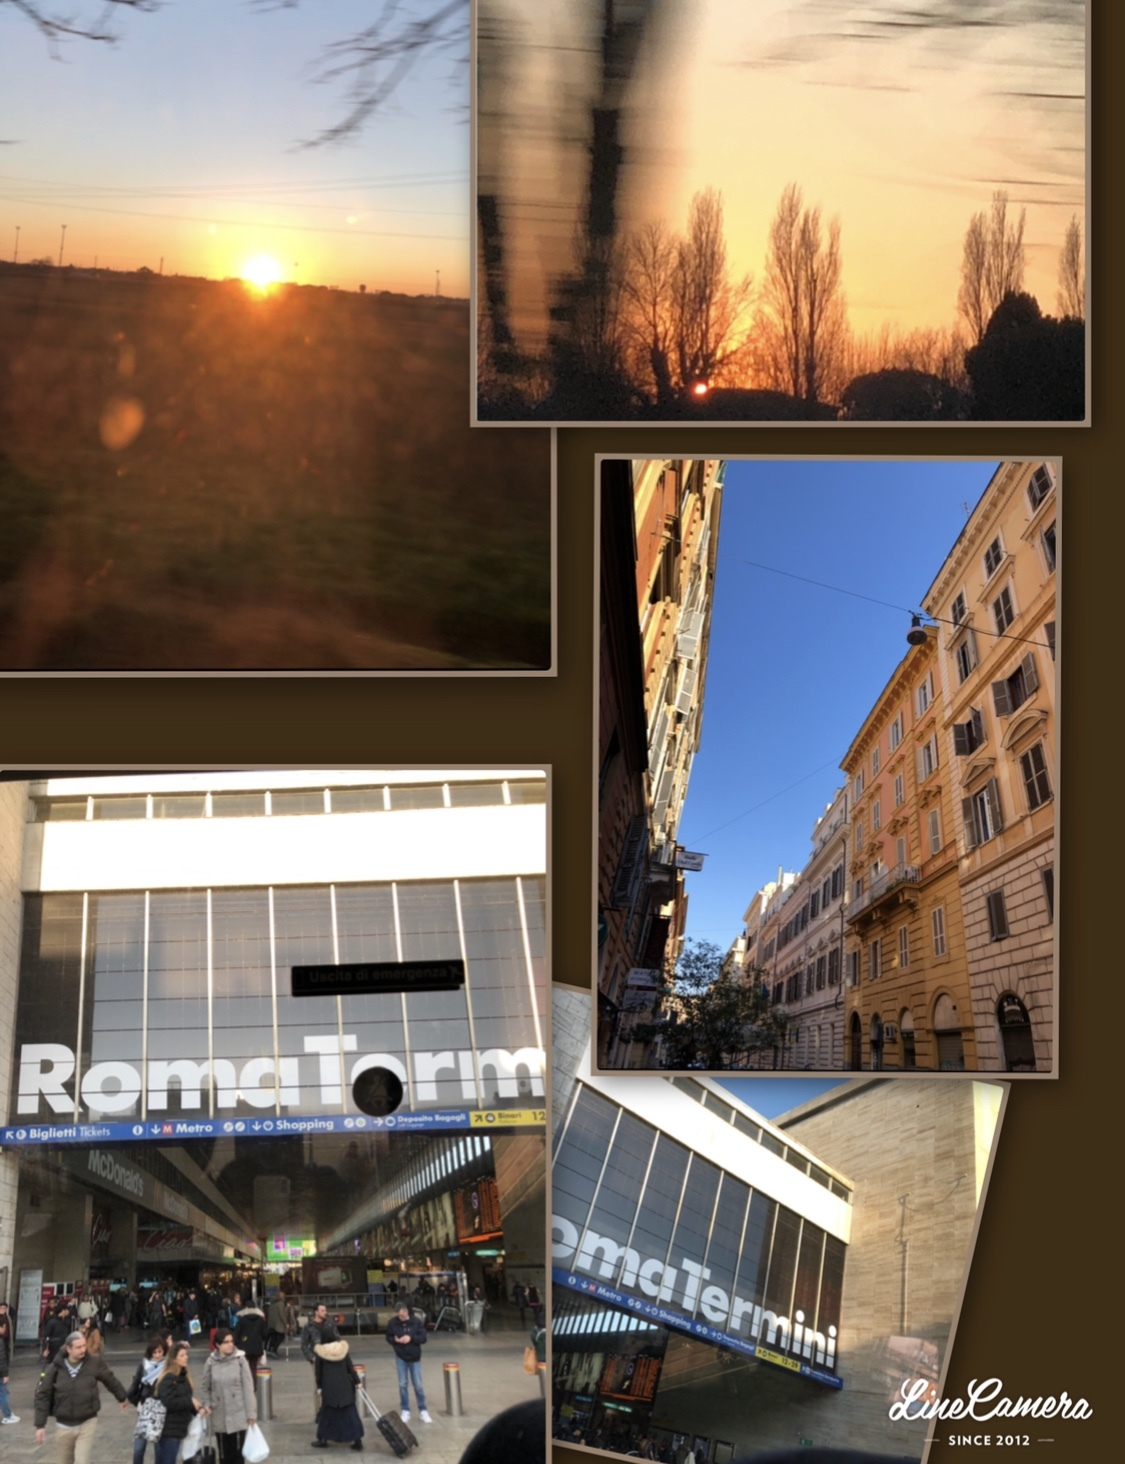 イタリア旅行記⑤ローマ☆_b0114367_00415109.jpeg